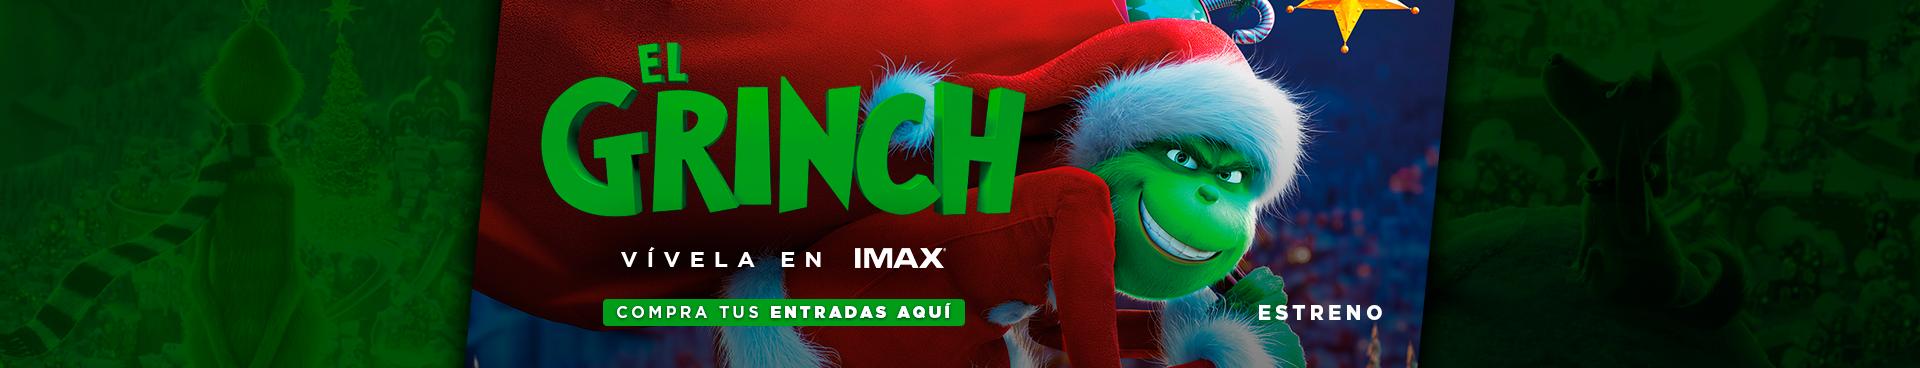 ESTENO EL GRINCH, VÍVELA EN IMAX,  COMPRA TUS ENTRADAS AQUÍ